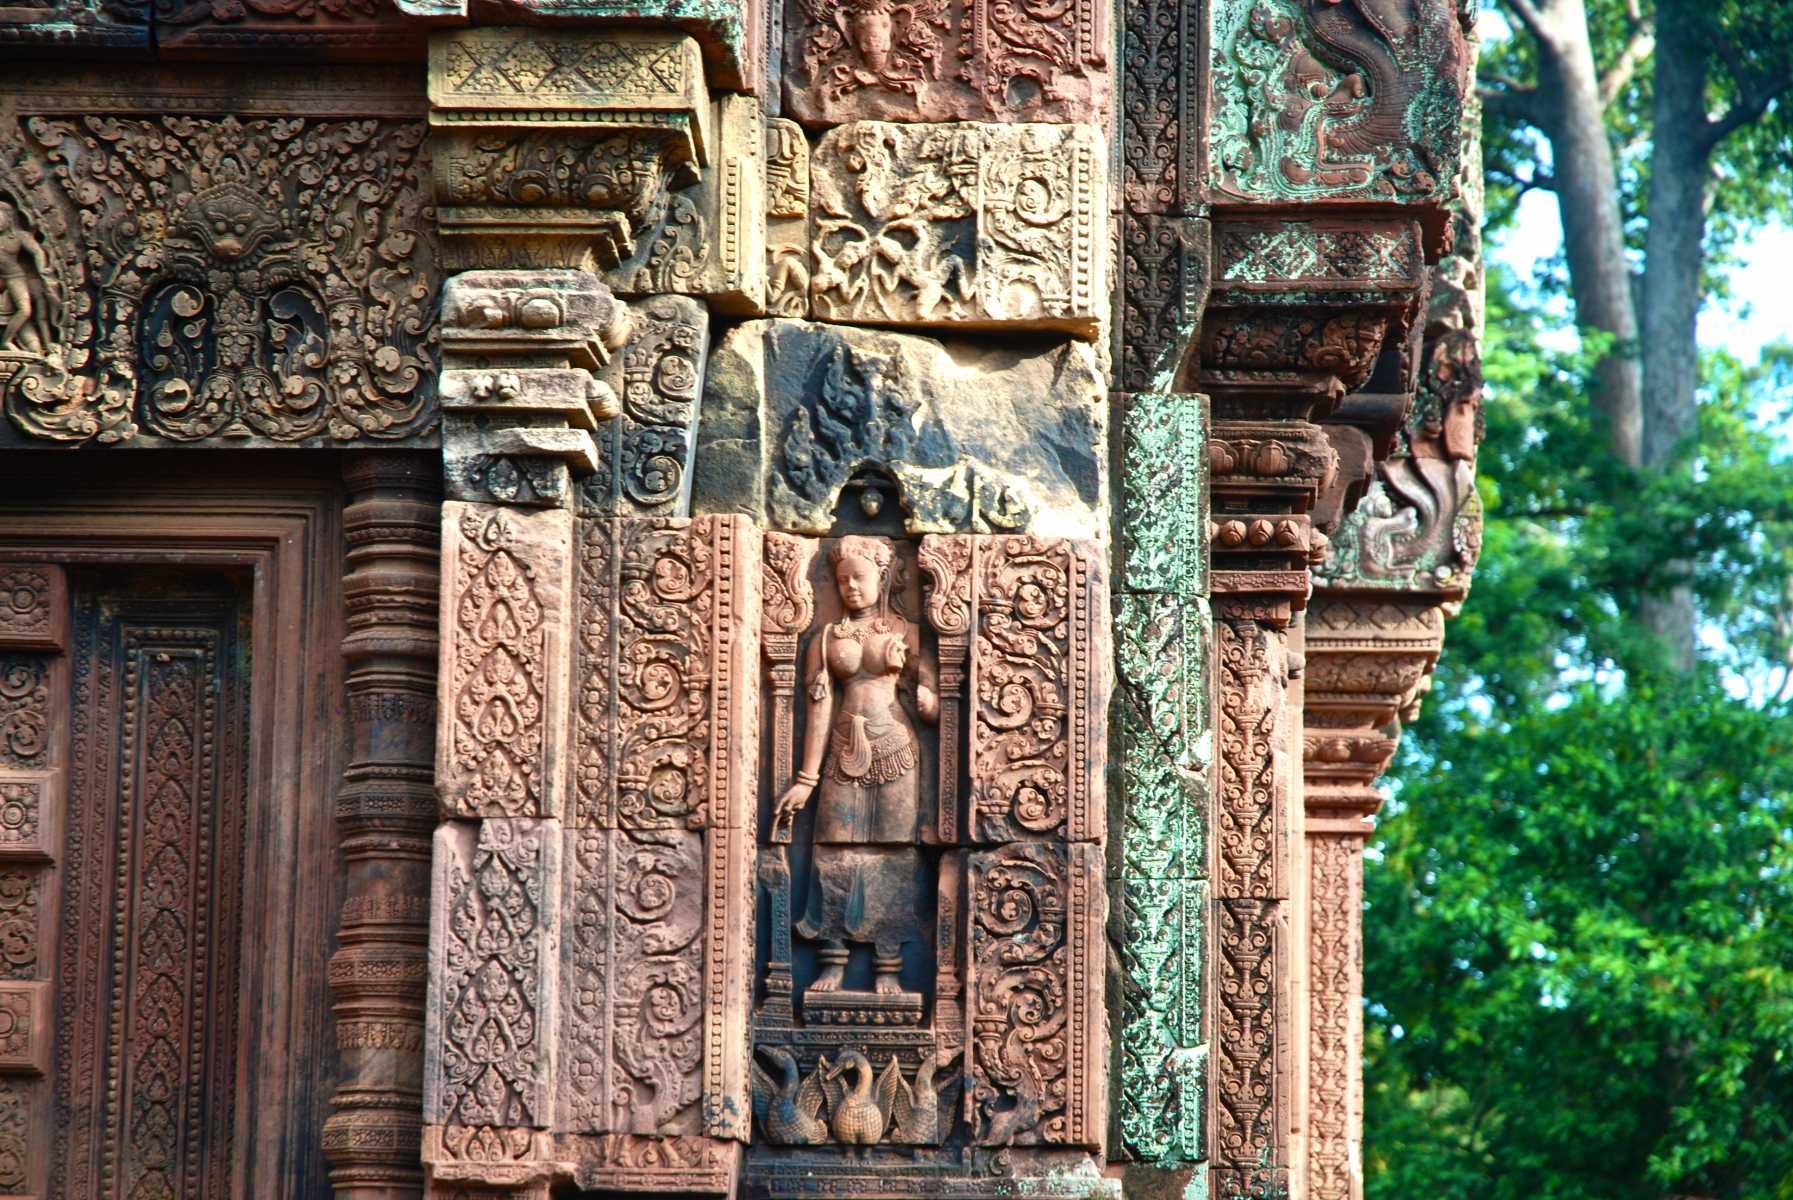 Le temple de Banteay Srei et l'Apsara, présentée comme celle volée par Malraux.